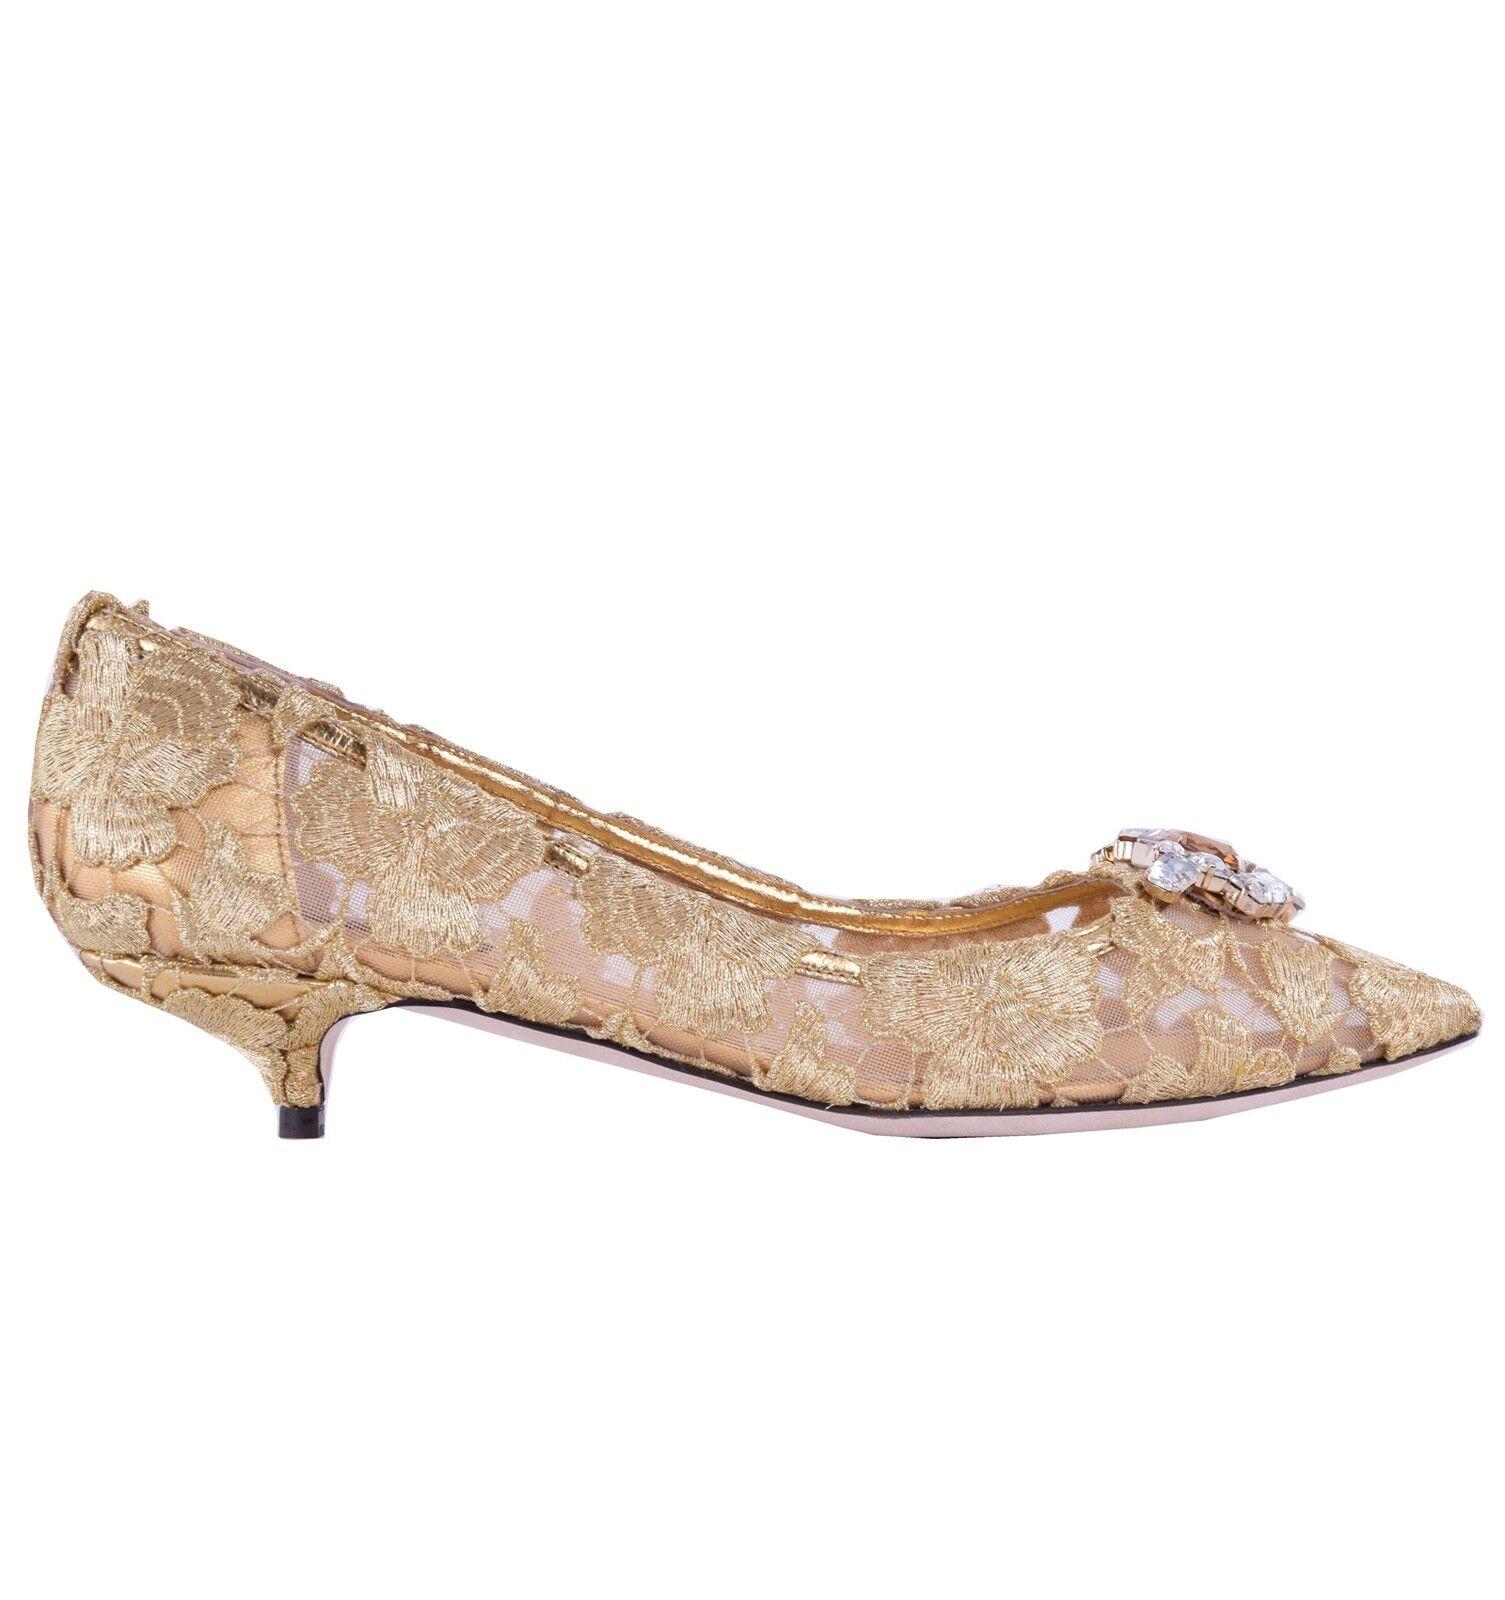 DOLCE & GABBANA mit BELLUCCI Pumps aus Spitze mit GABBANA Kristall-Brosche Gold Schuhe 05006 fecb35